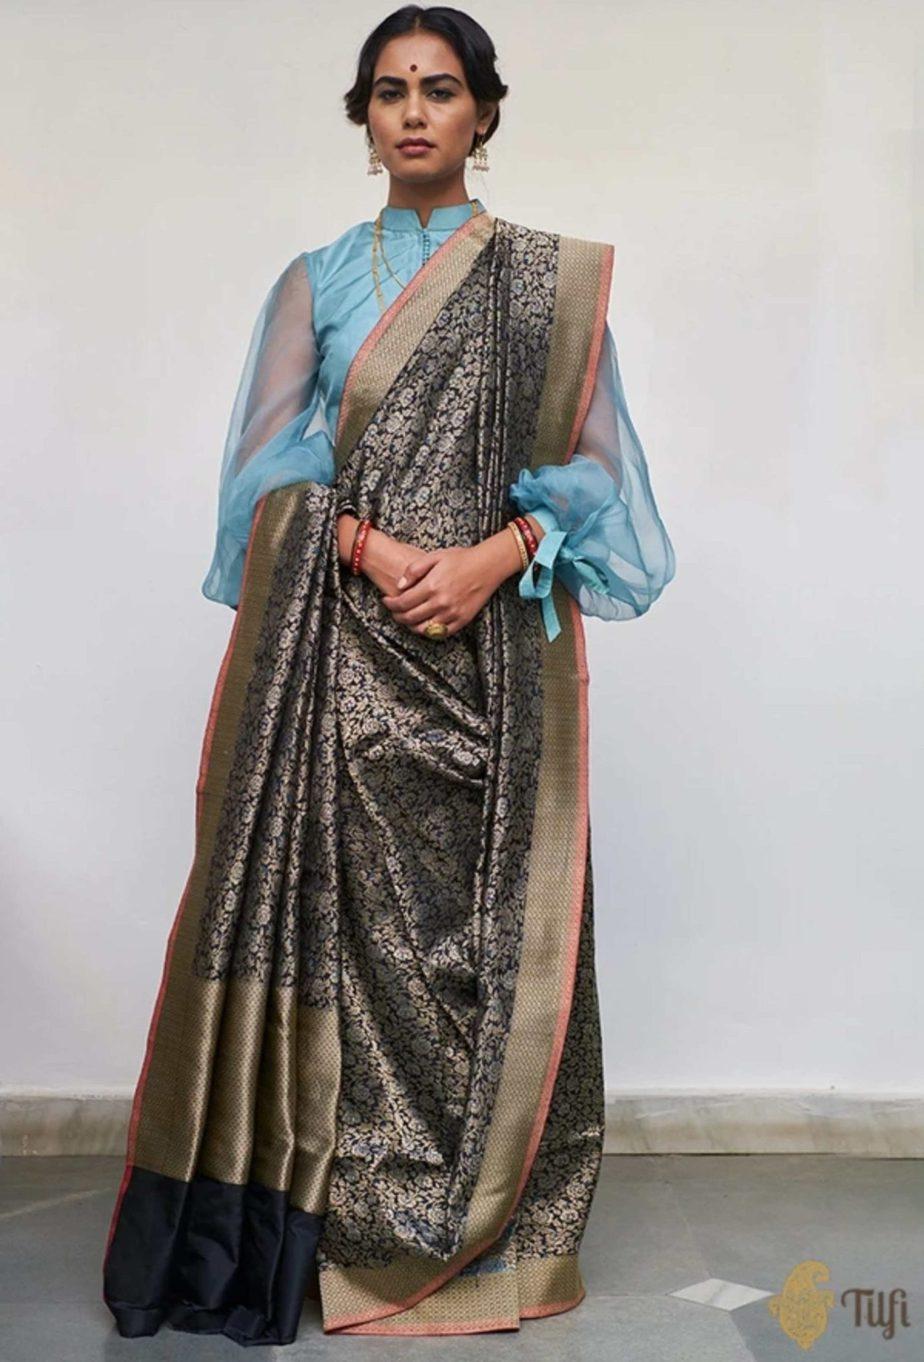 banarasi sarees by tilfi (3)